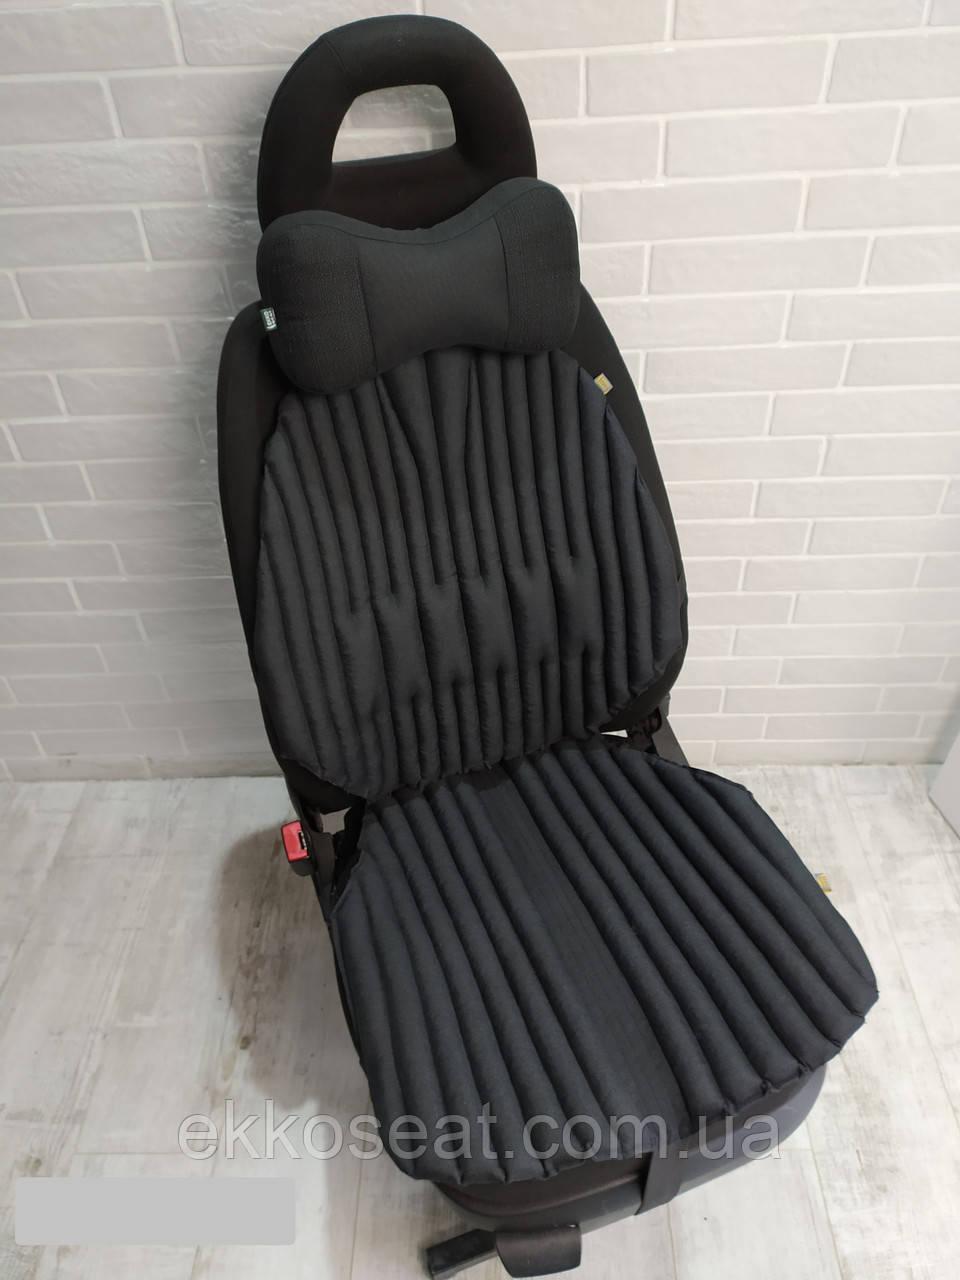 Подарок мужчине. Ортопедические подушки EKKOSEAT для авто кресла. Комплект. Универсальные. Черные, серые ...